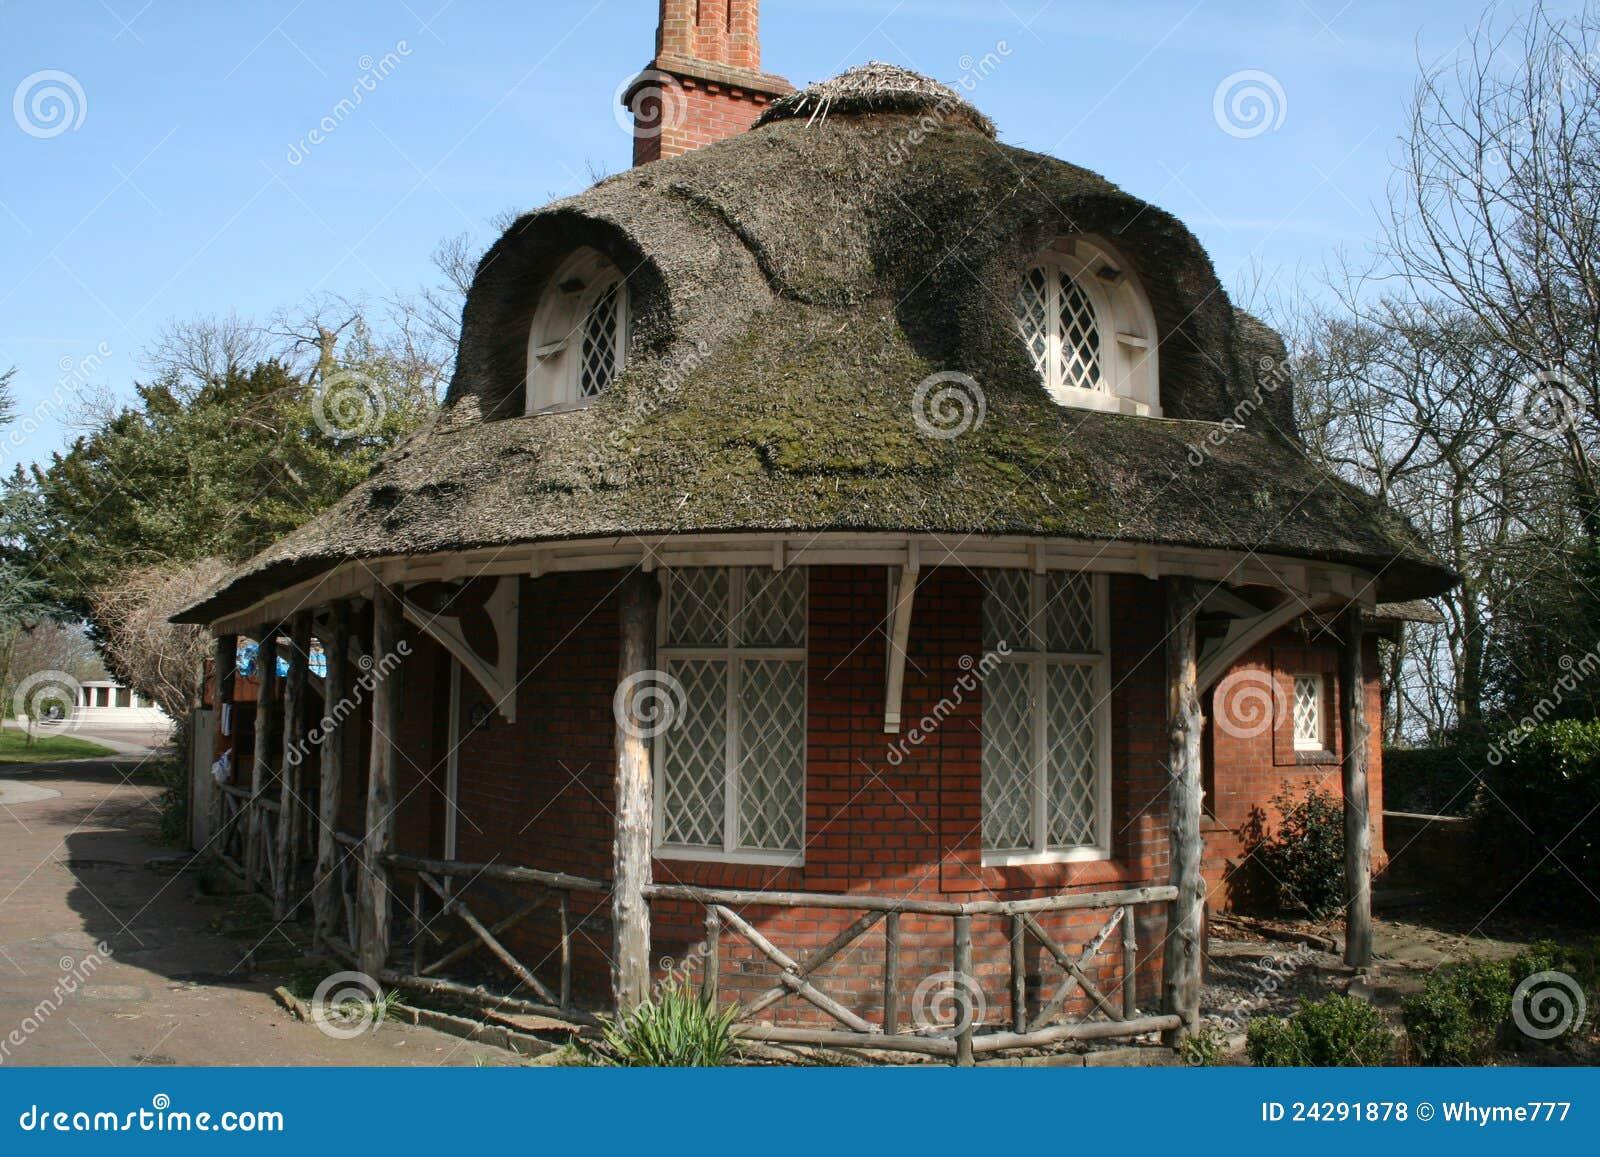 Maison de toit de chaume photo stock image du arbres 24291878 - Maison en toit de chaume ...